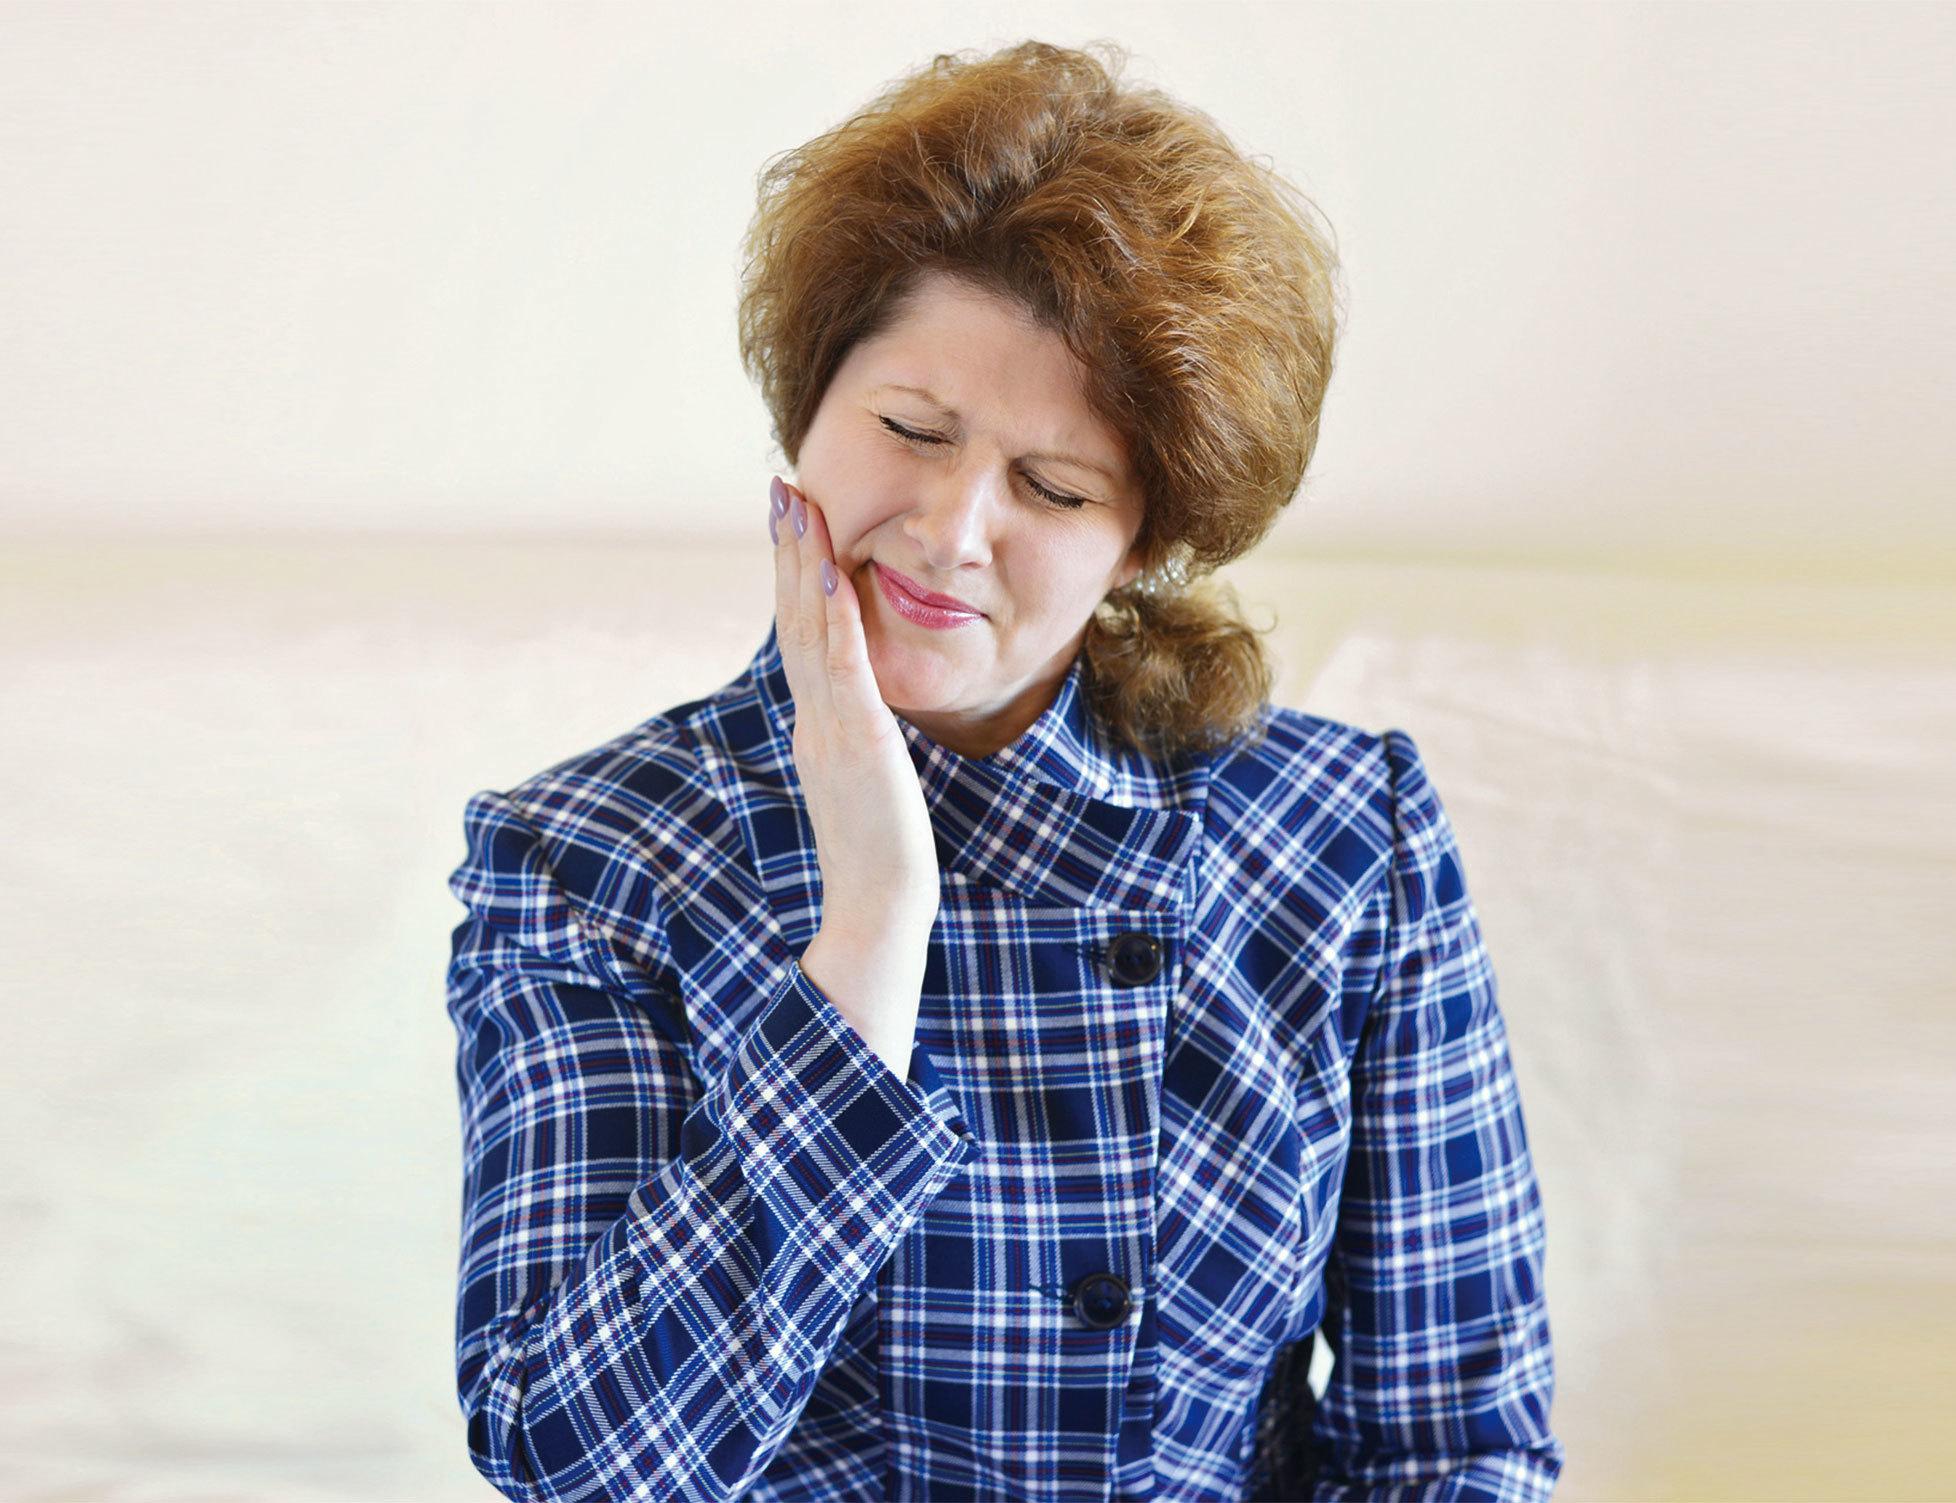 認識顳顎關節症候群